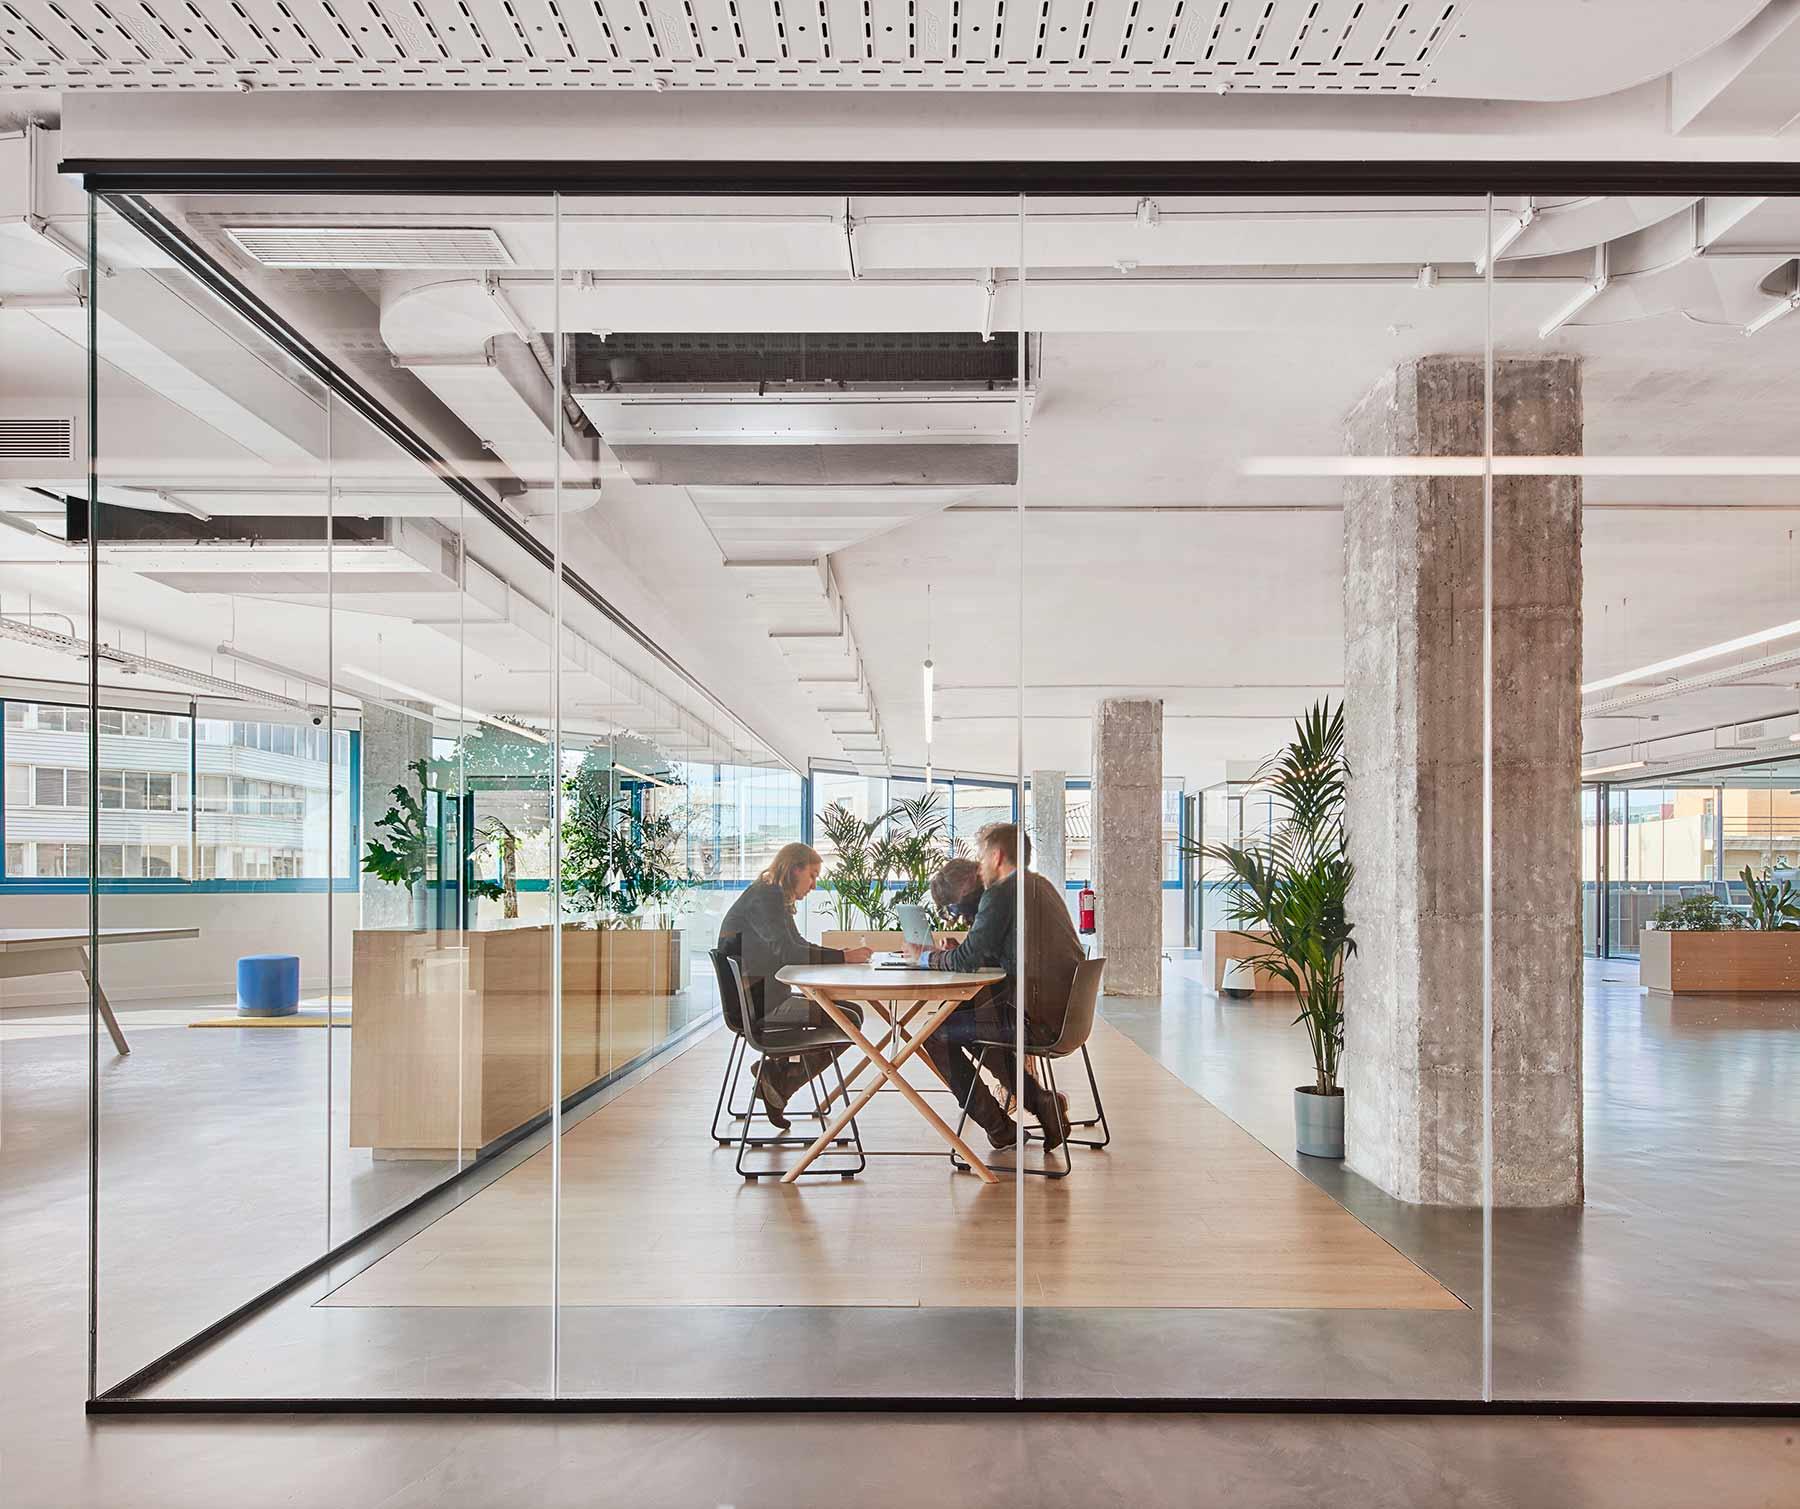 un edificio con una alta presencia de empresas vinculadas a la creatividad y a las nuevas tecnologías.